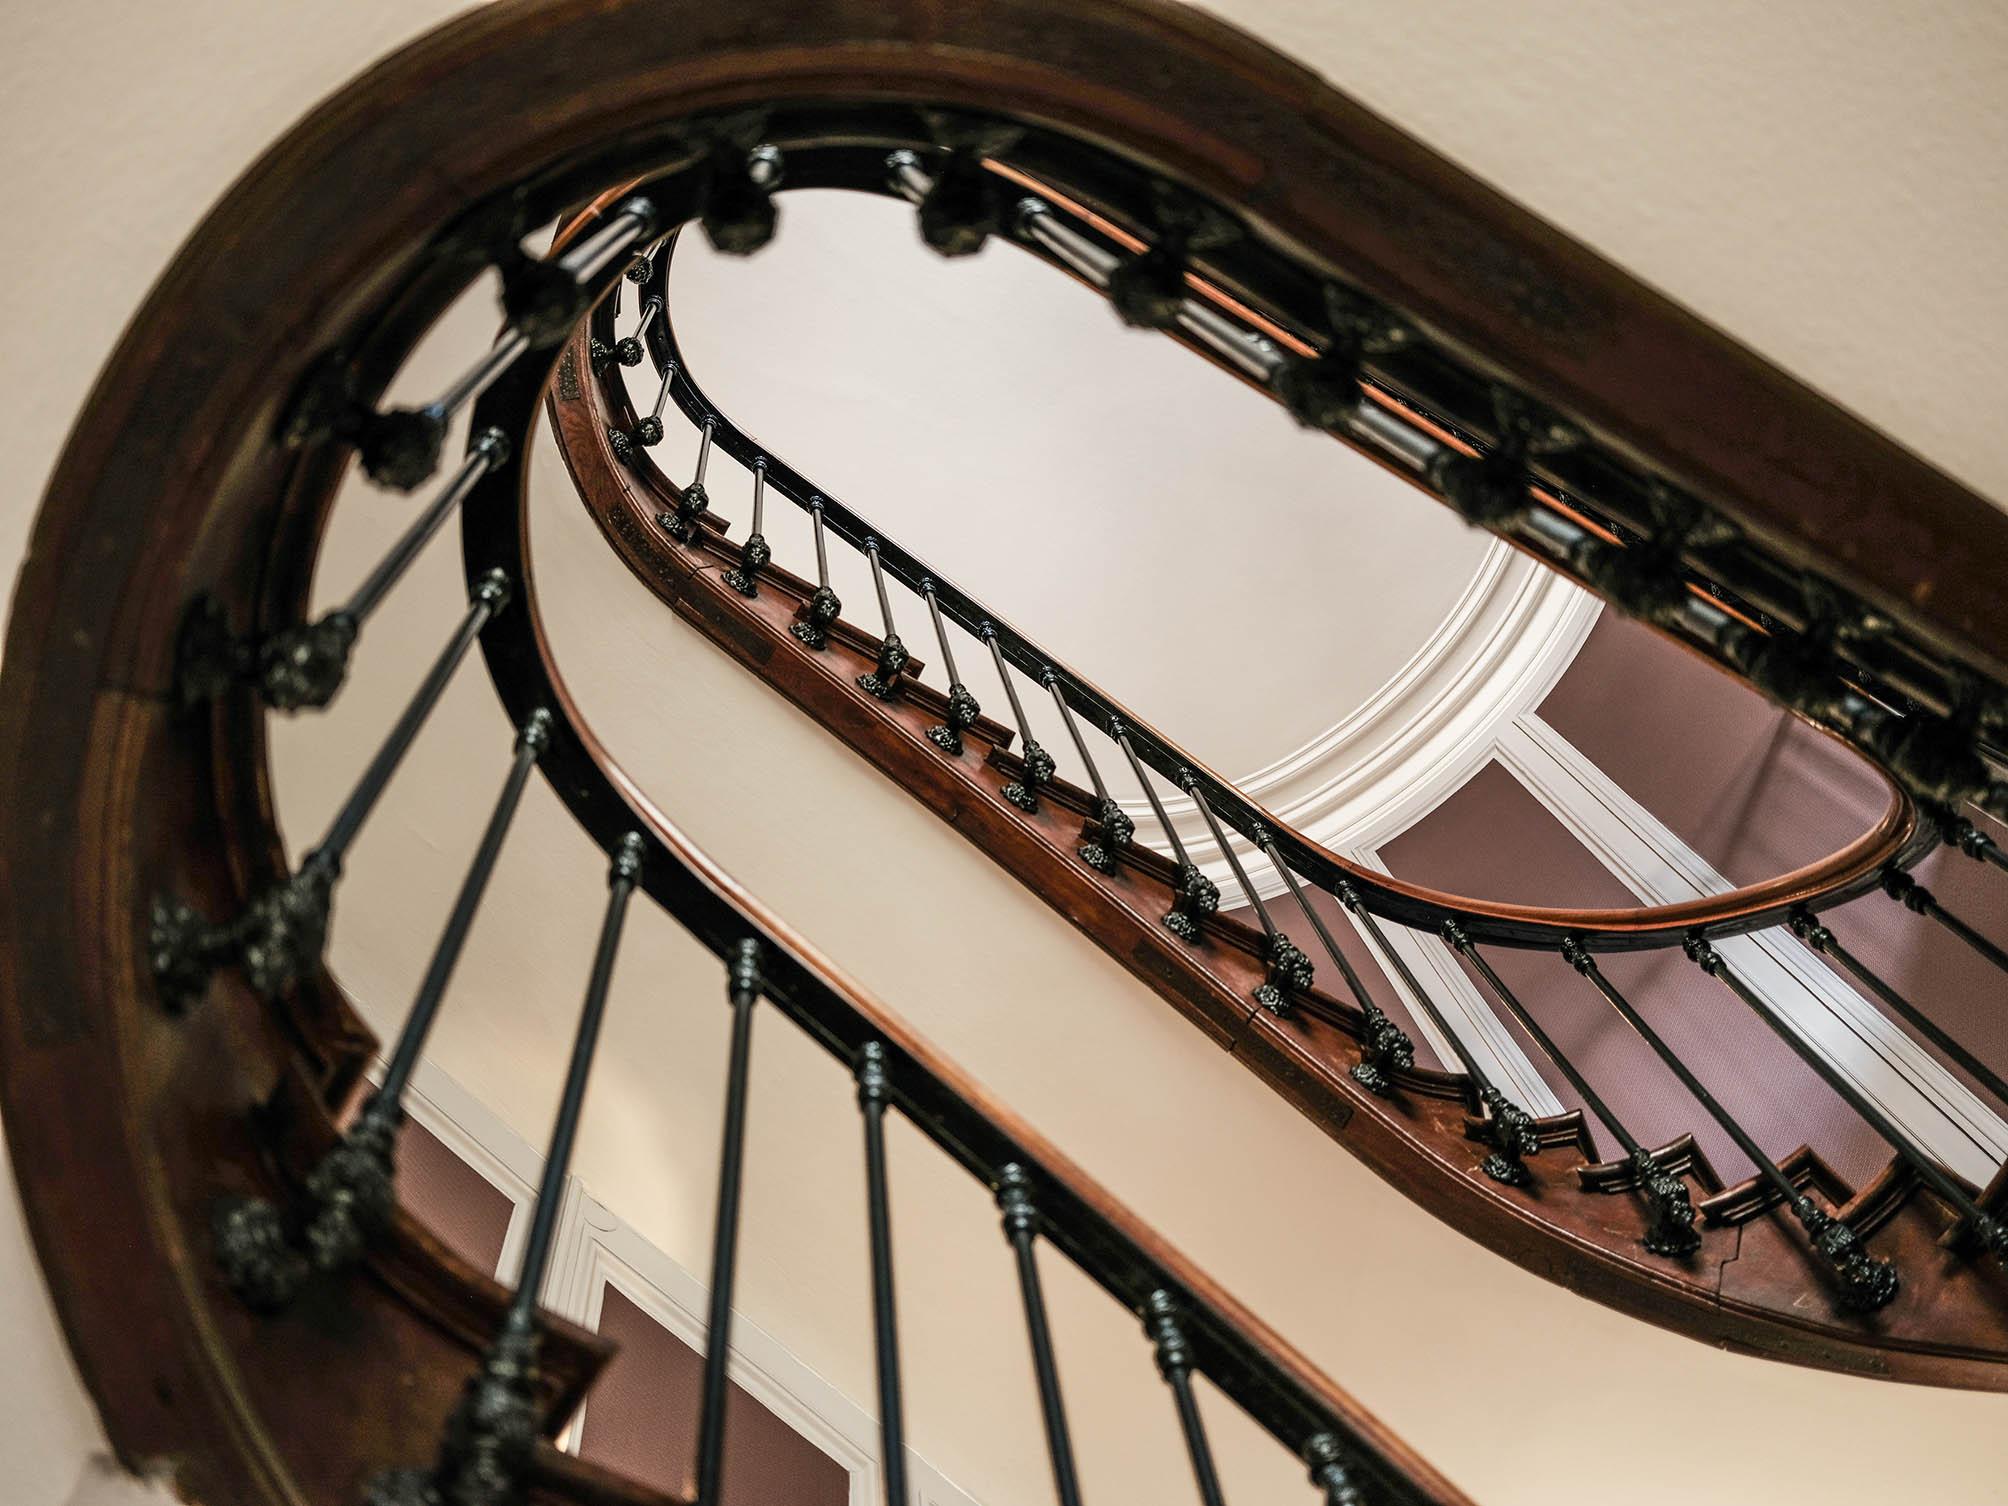 Escaliers- Hôtel de l'Europe - Poitiers